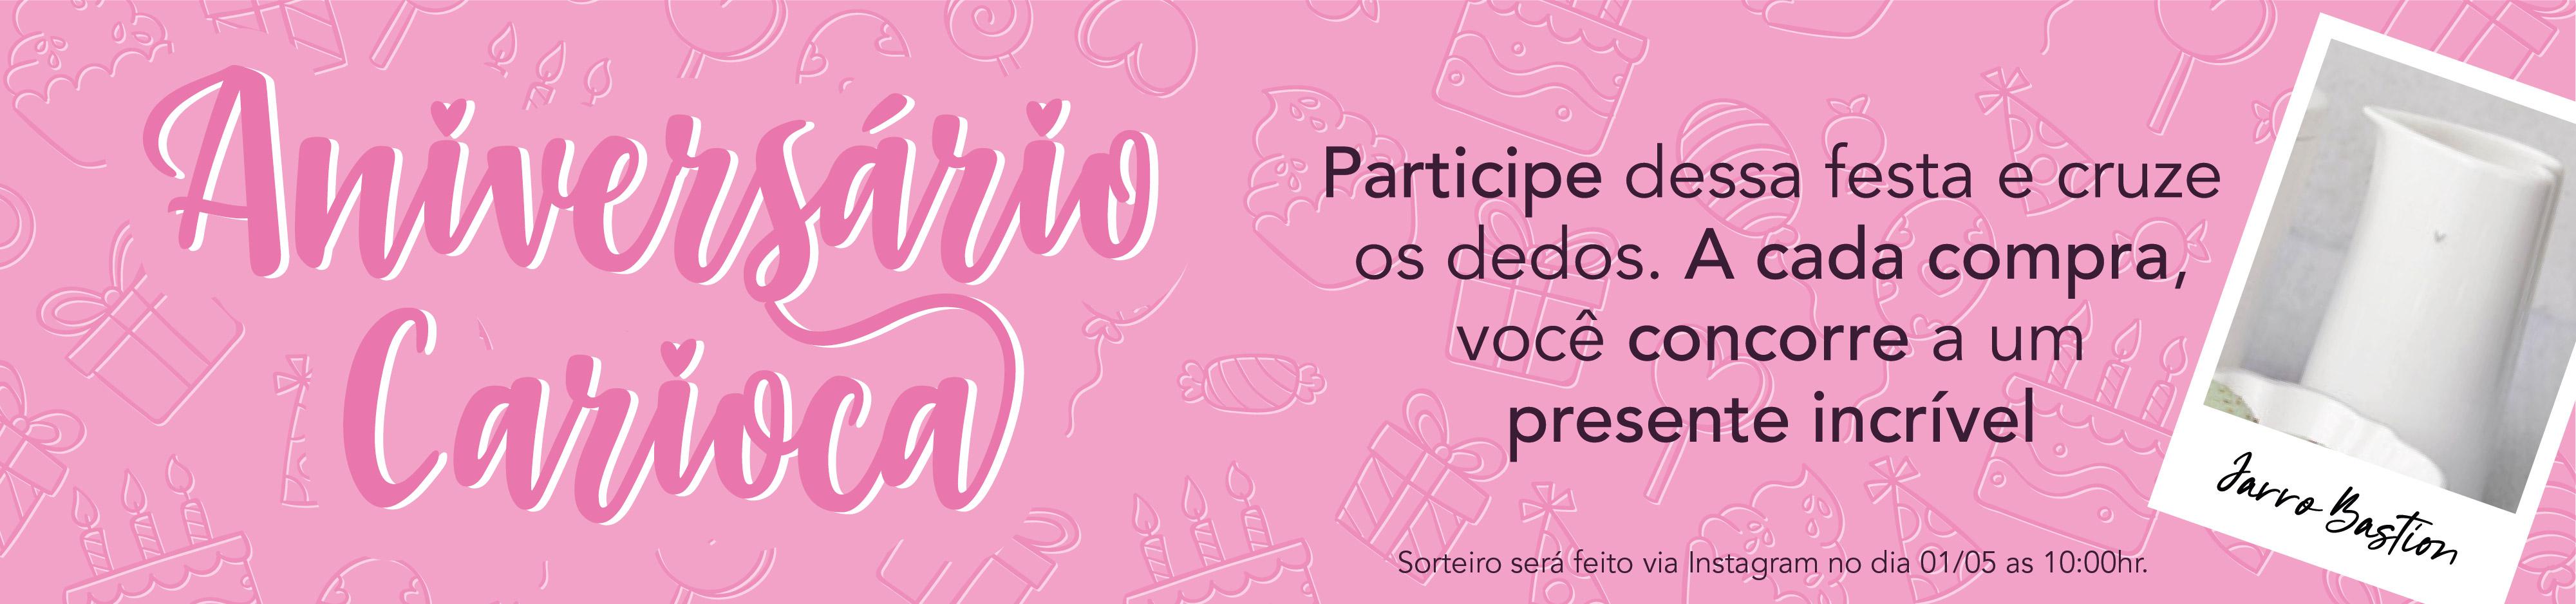 Aniversário Carioca